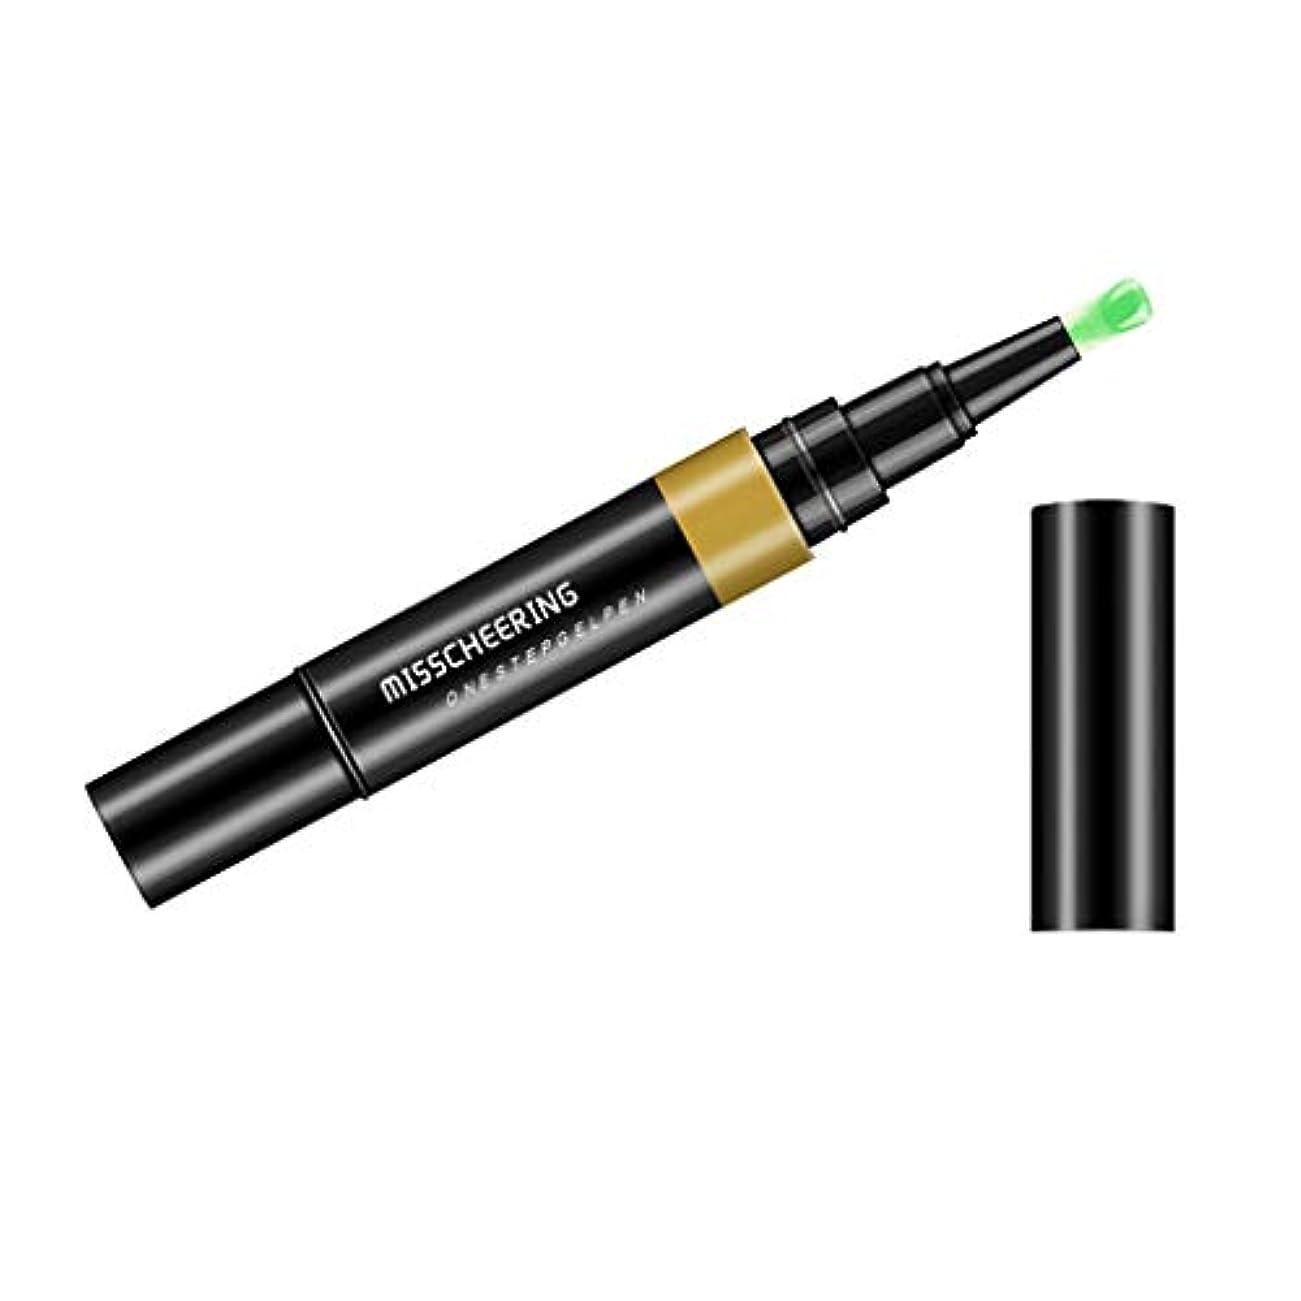 独裁エレガント石化するカラーネイルペン 3Dネイルペン ネイルアートペン ジェル マニキュアペン ペイントペン 3 in 1 多色 - グリーン